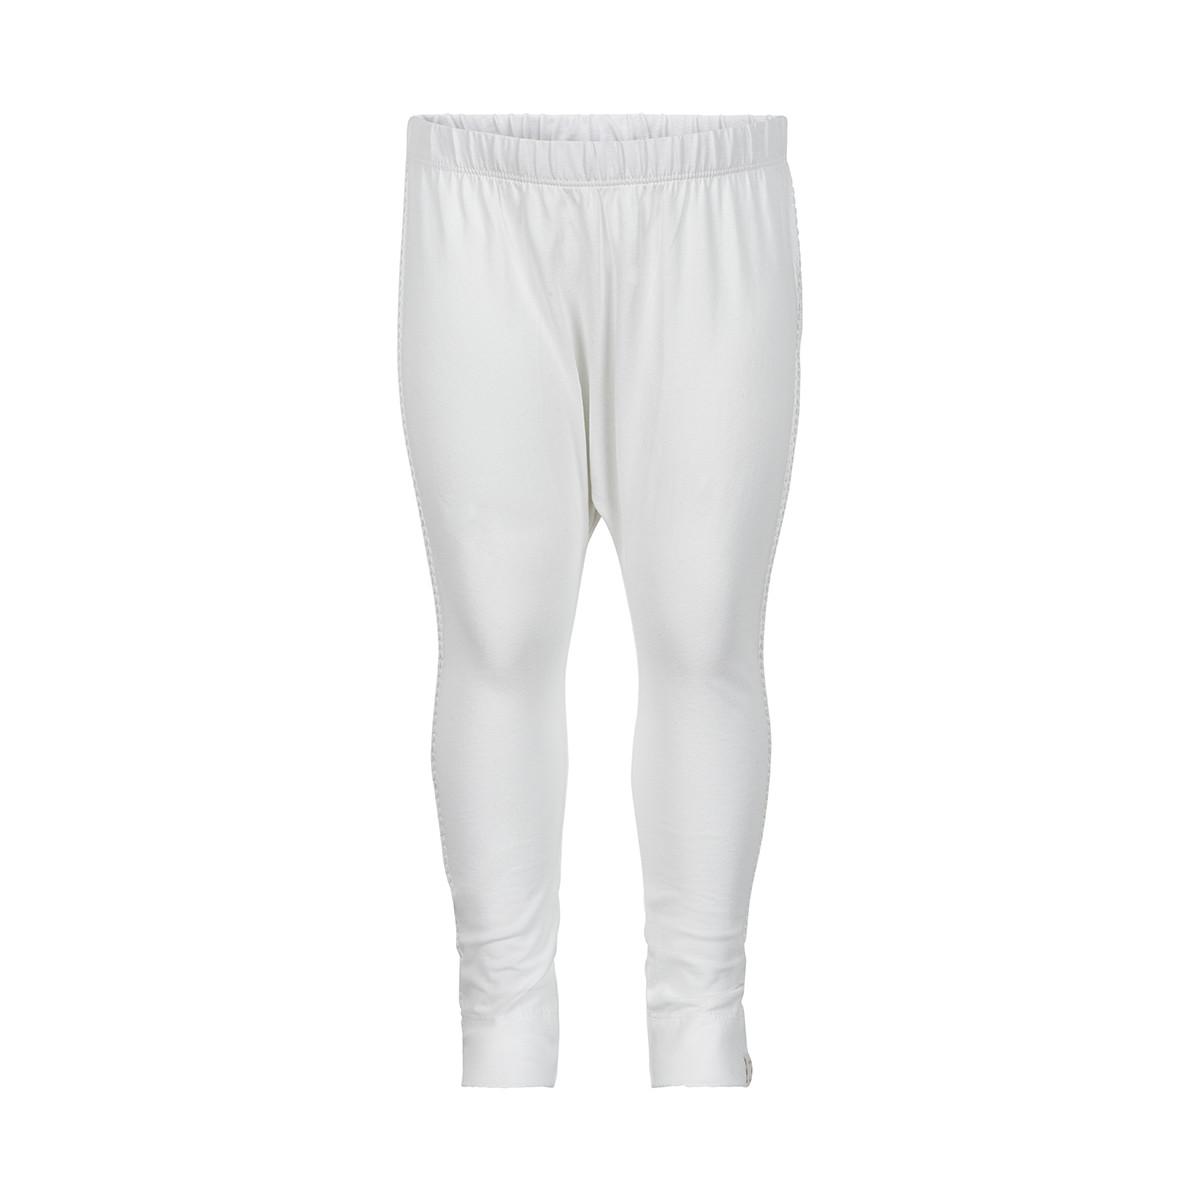 Creamie   Leggings   3-6y   840105T-1103